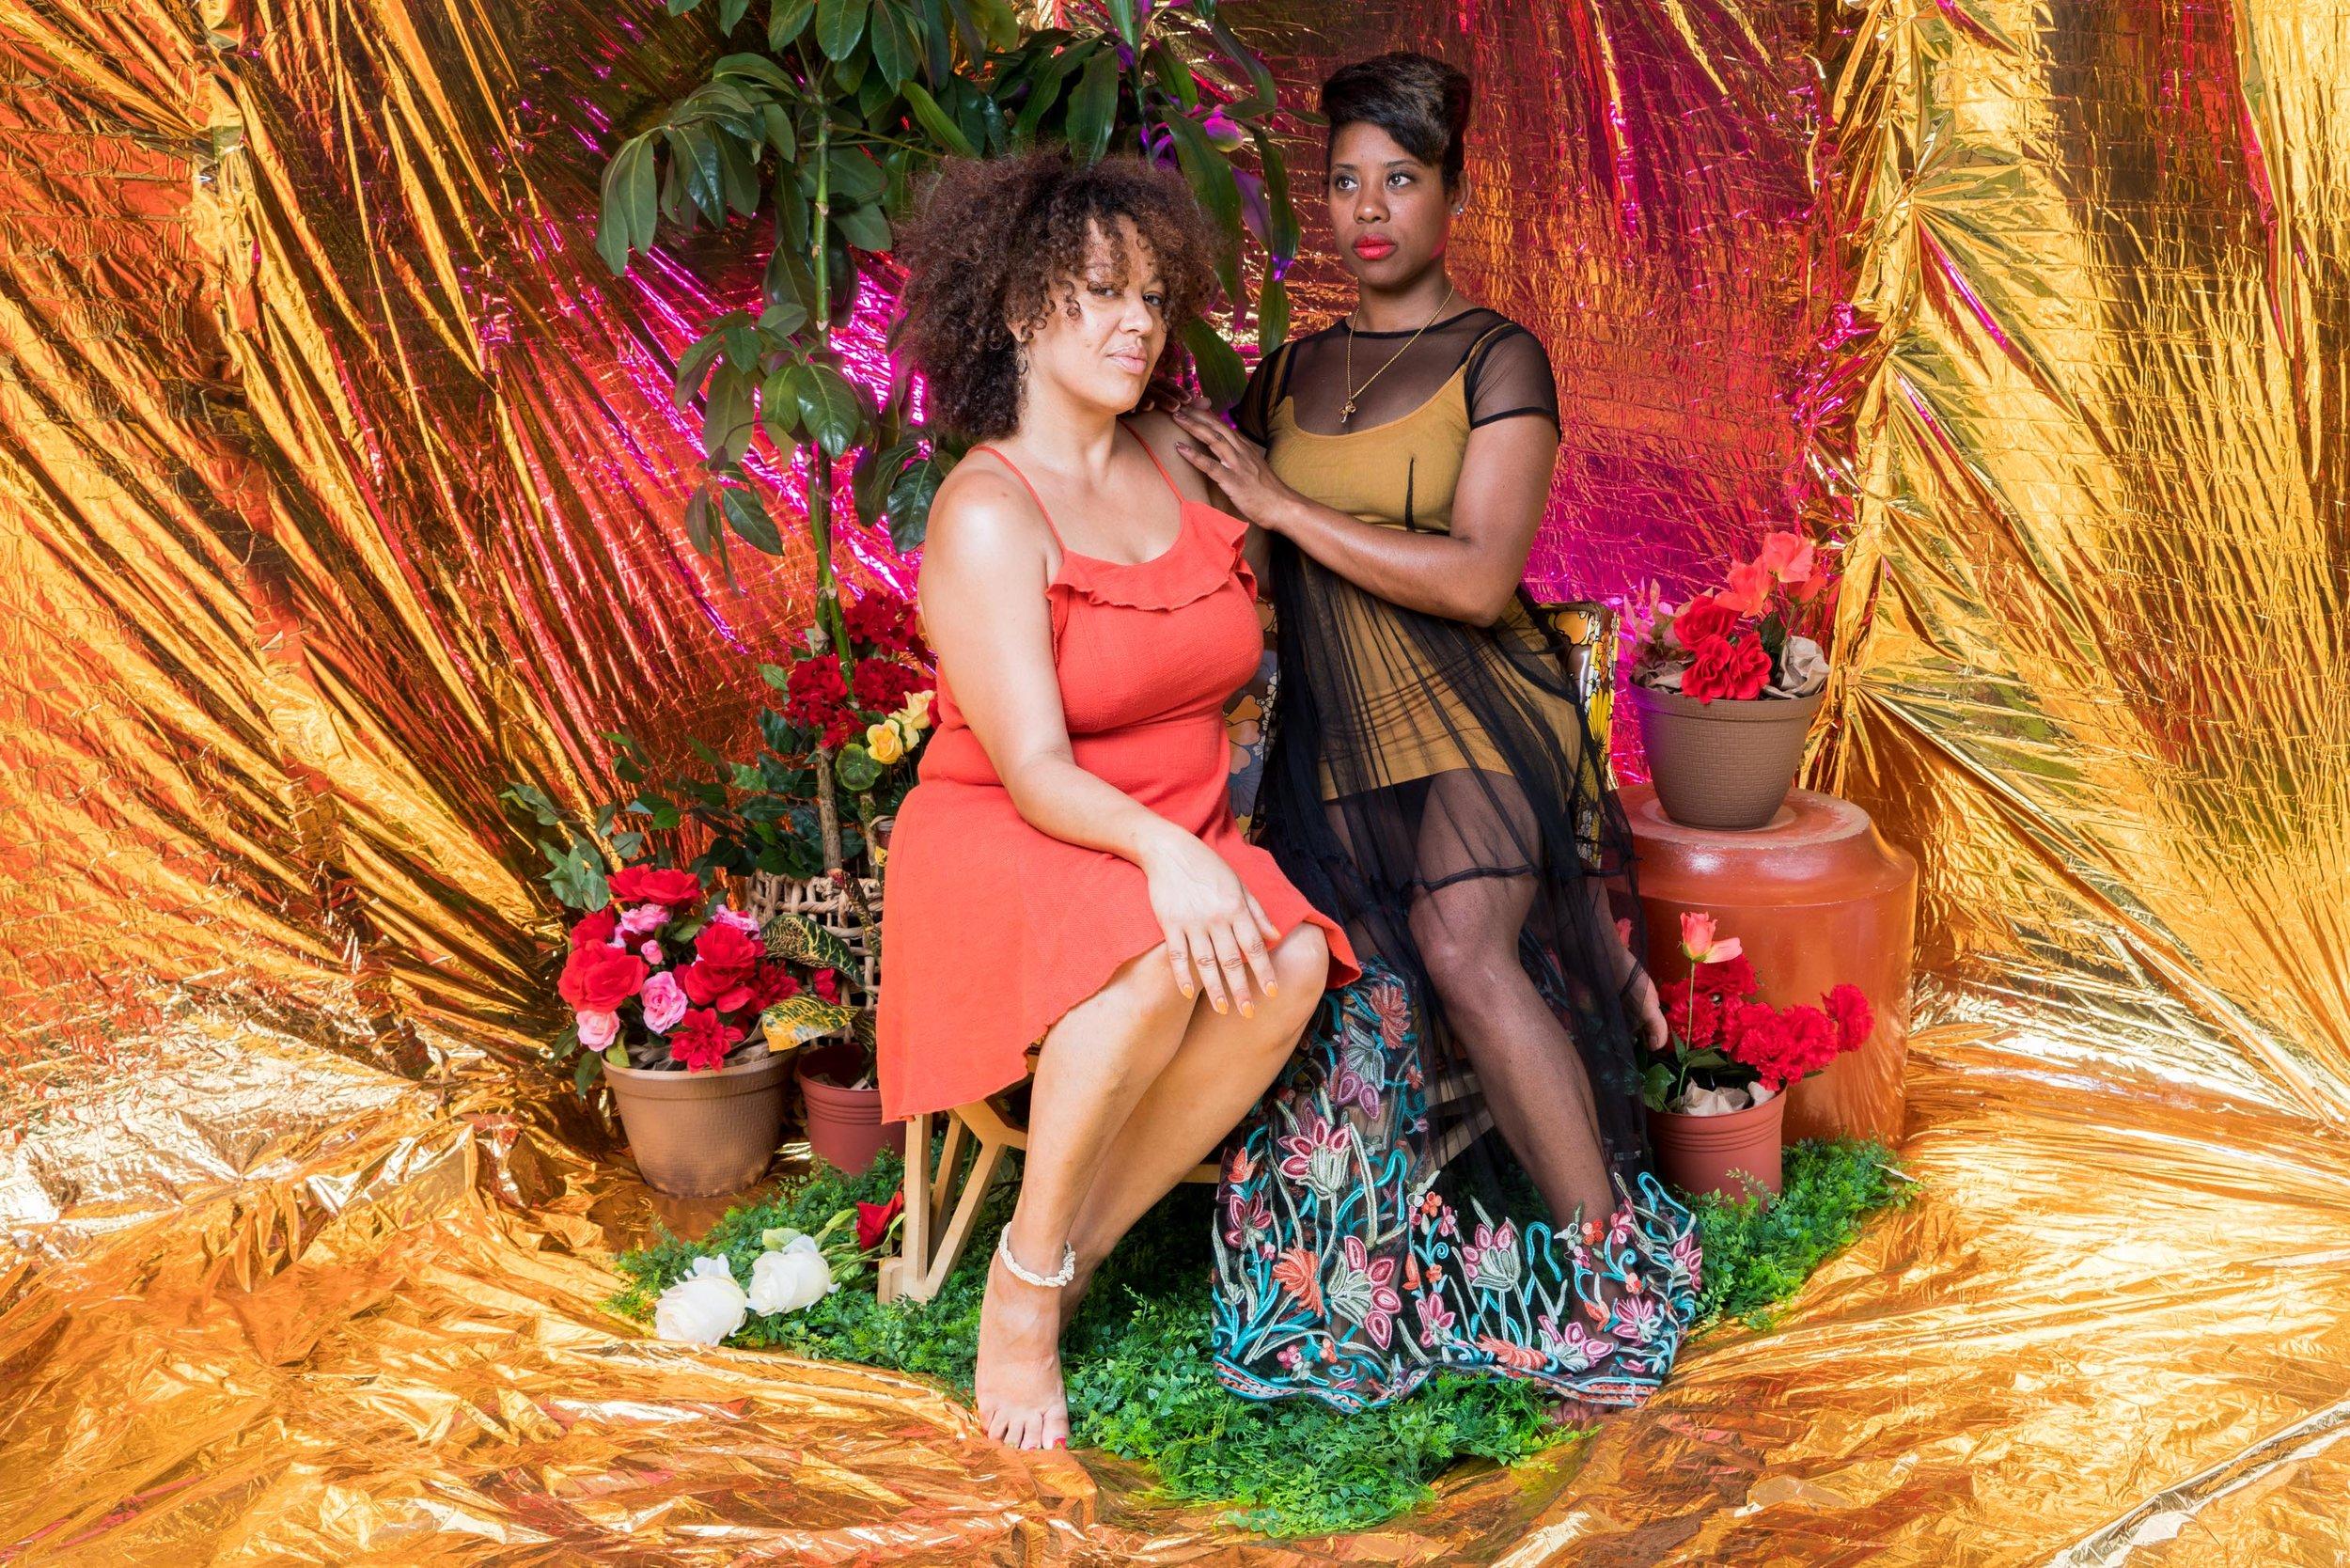 Portraits from  Tiffany Smith 's photobooth at Black Love Fest NY 2019.